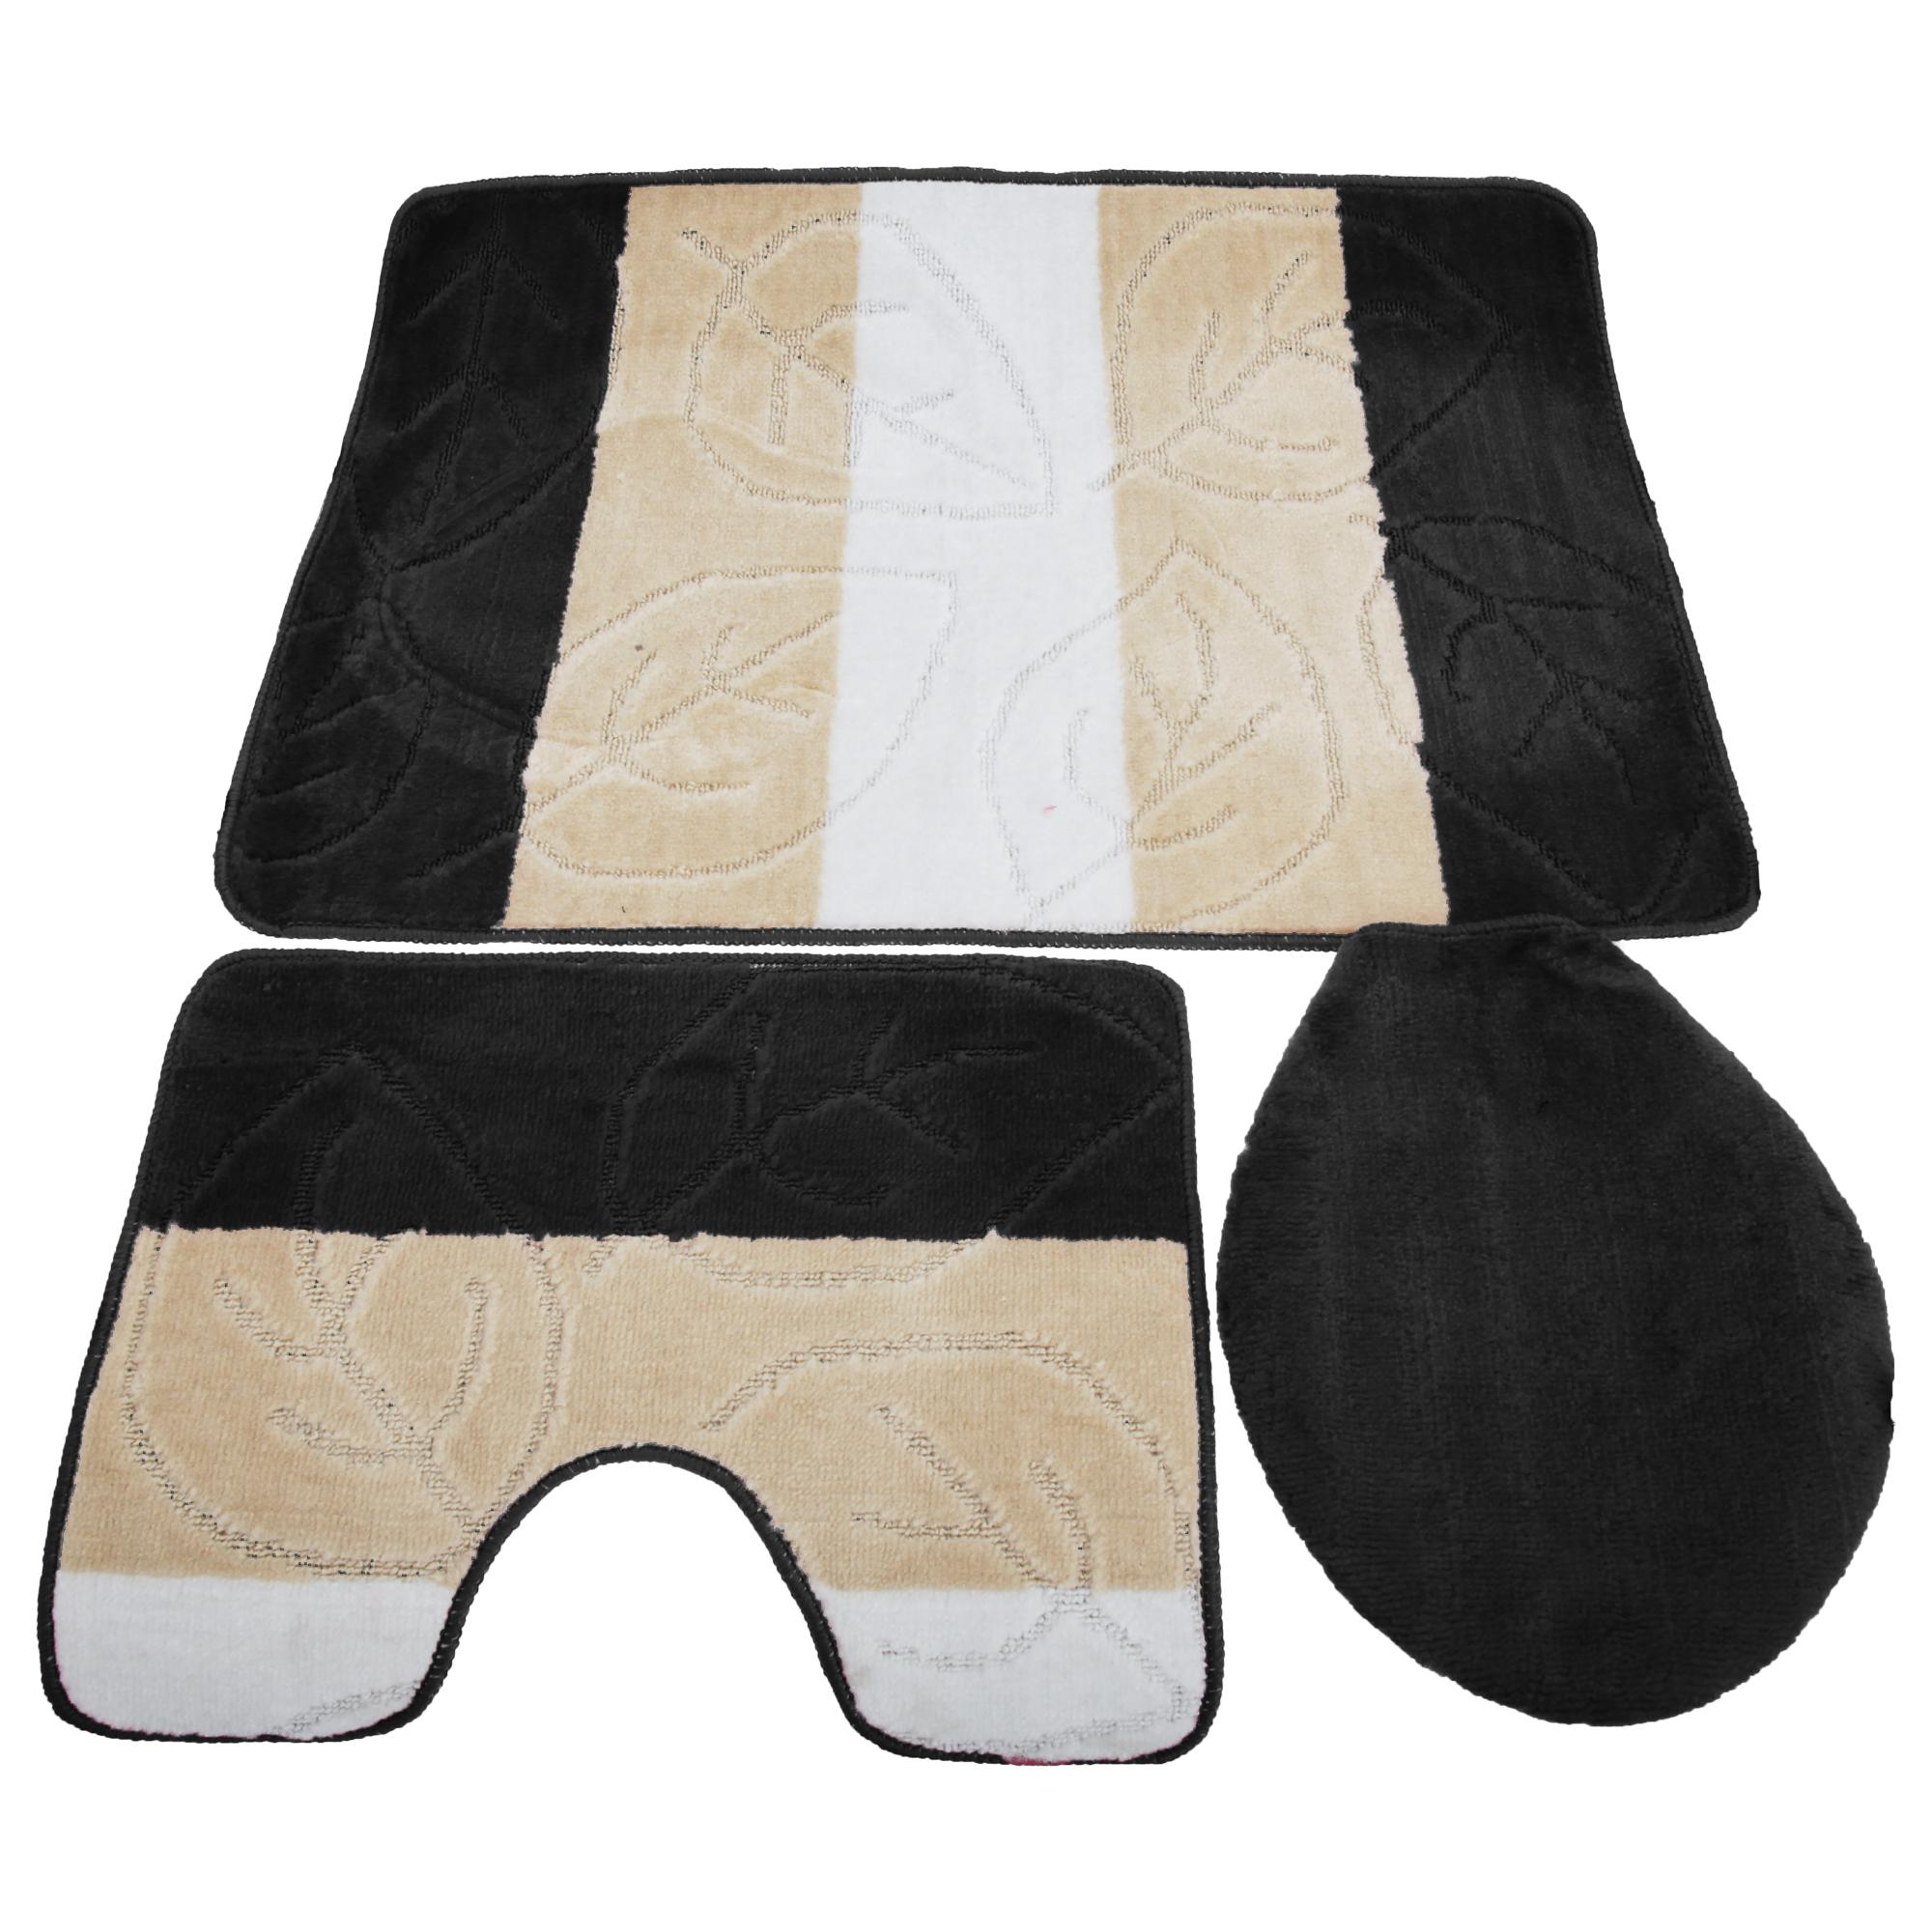 badeteppich set badematte toilettenvorleger deckelbezug blatt design 3 teilig ebay. Black Bedroom Furniture Sets. Home Design Ideas